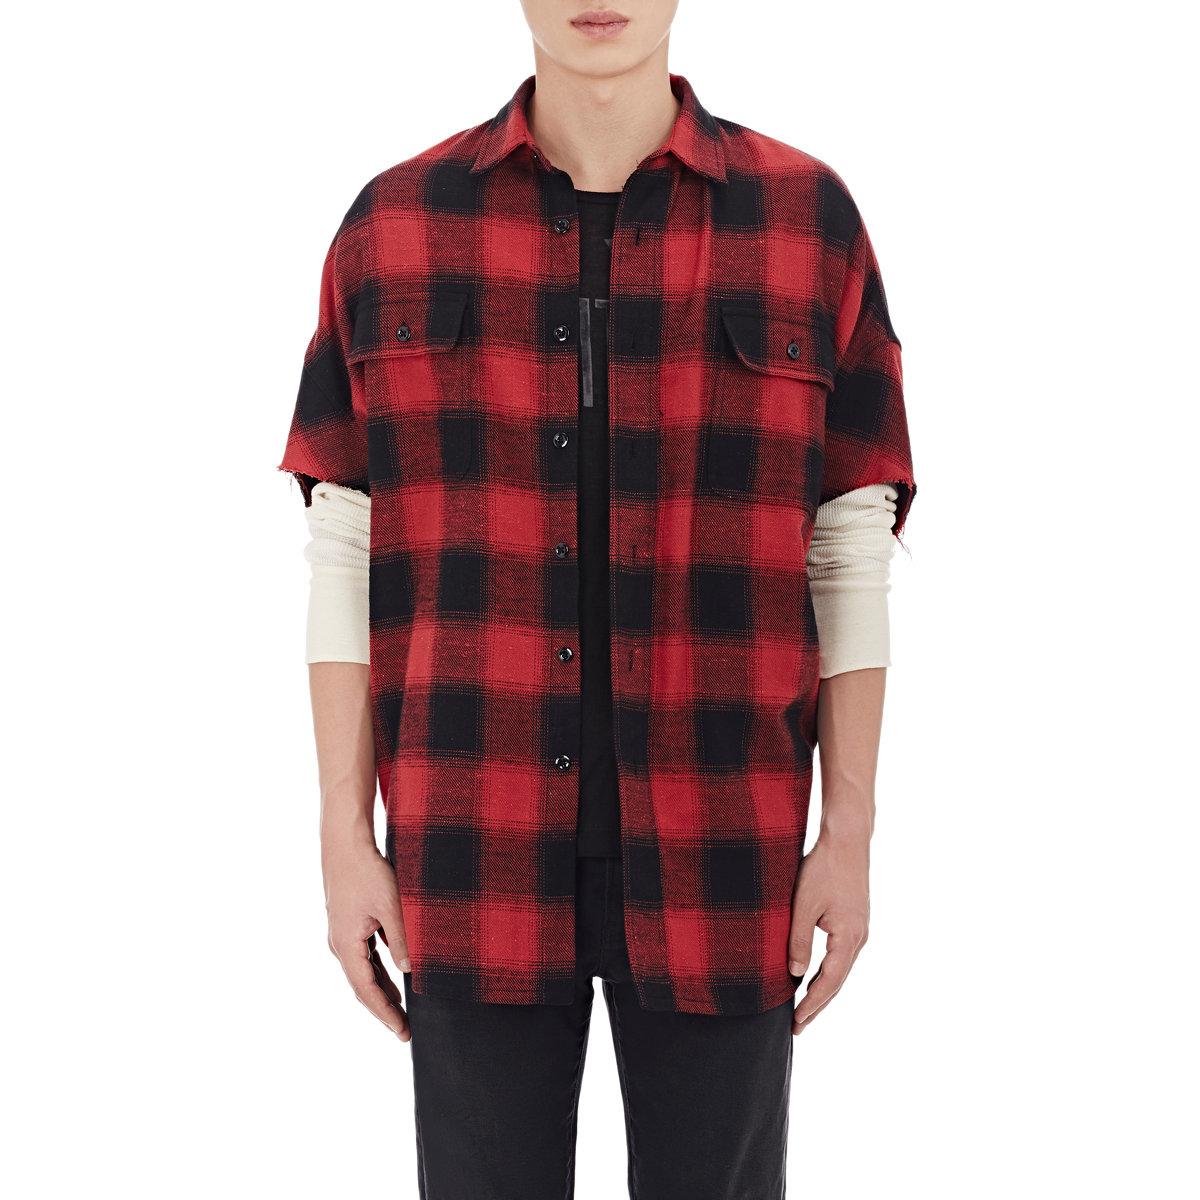 Lyst r13 plaid oversized shirt in black for men for Oversized red plaid shirt